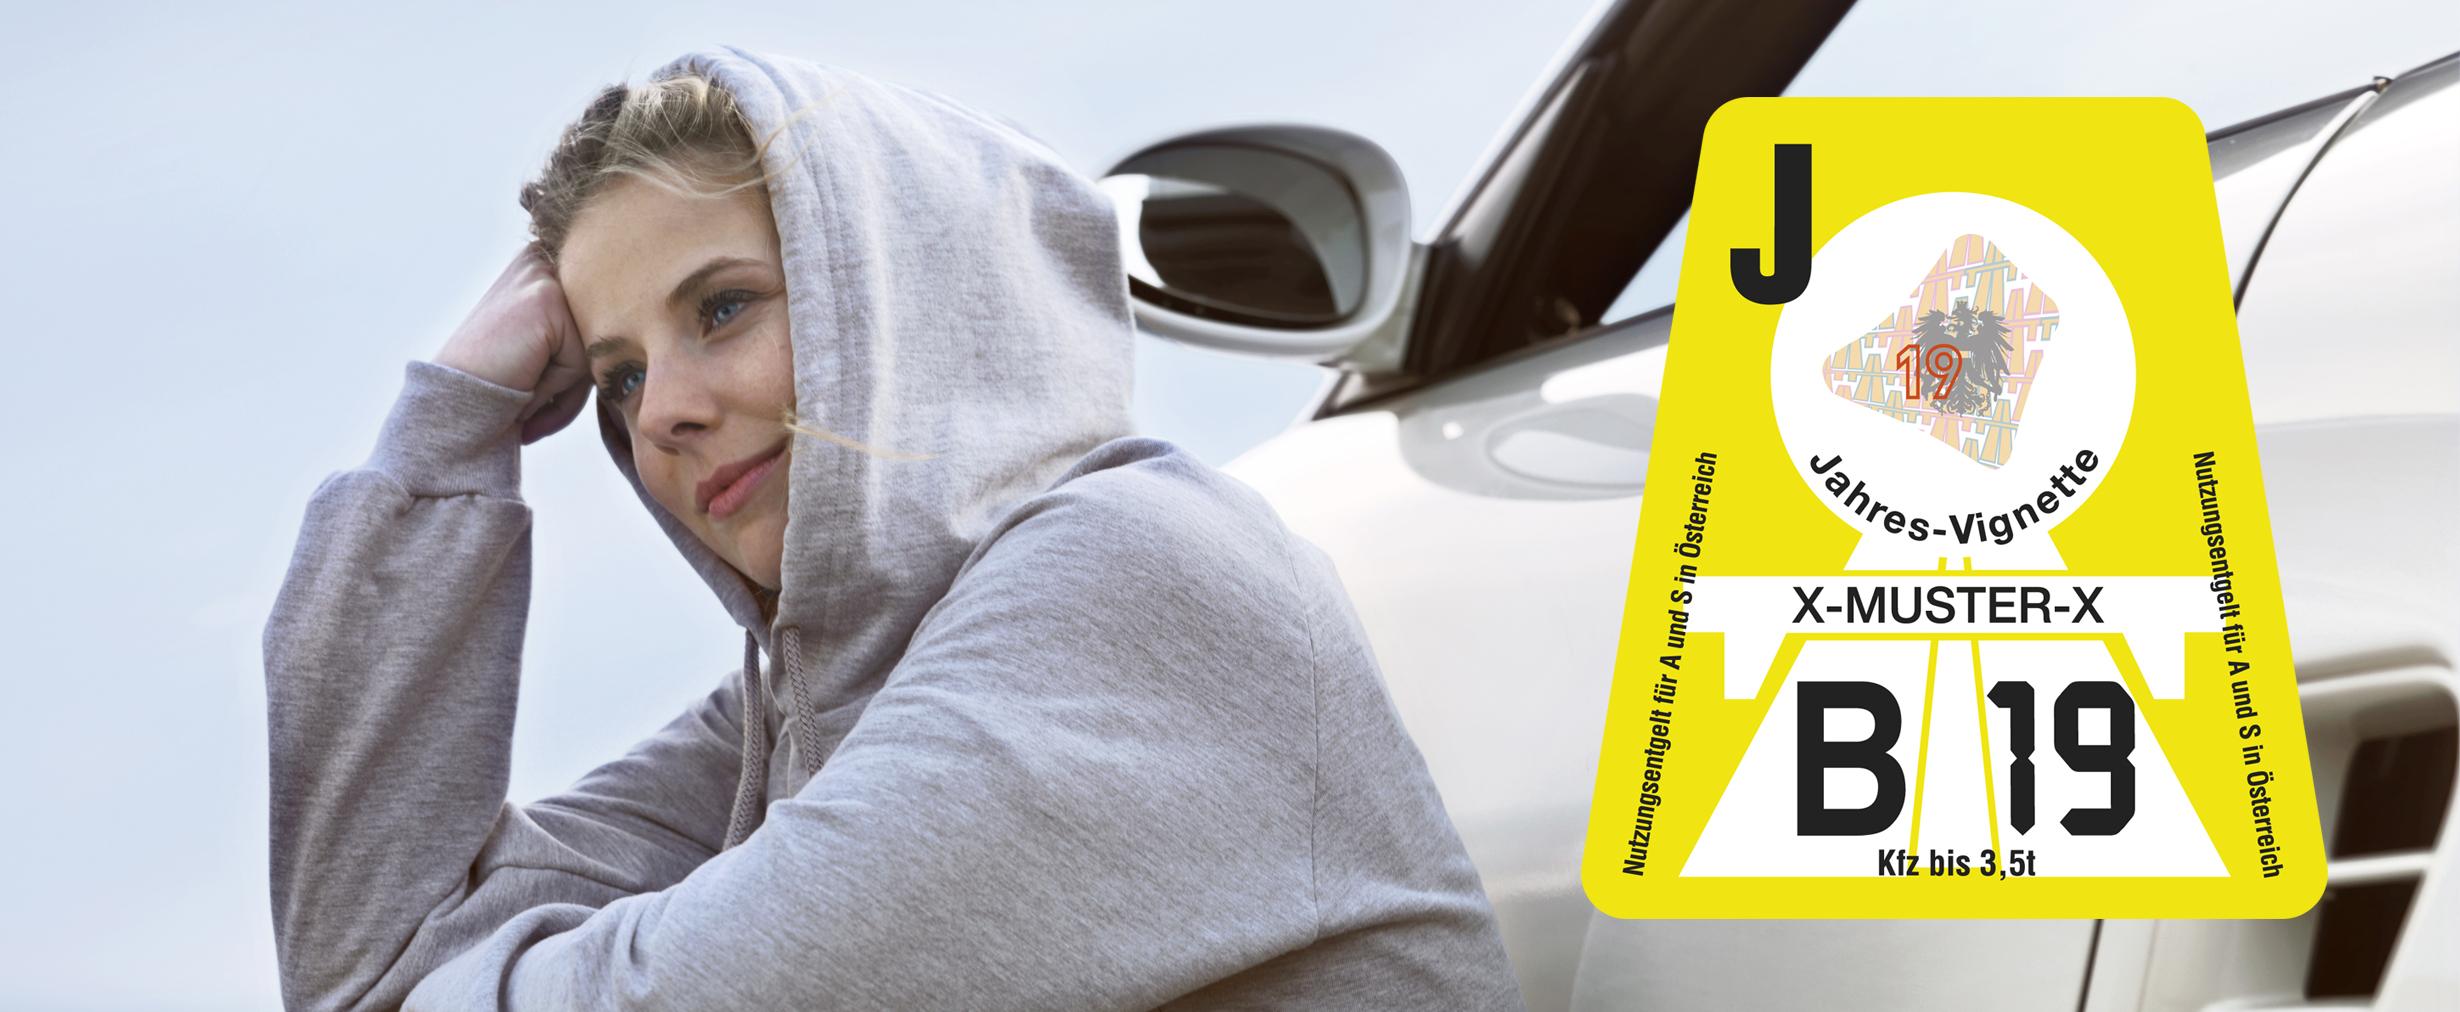 Frau sitzend vor Auto, Vignette 2019 im Bild